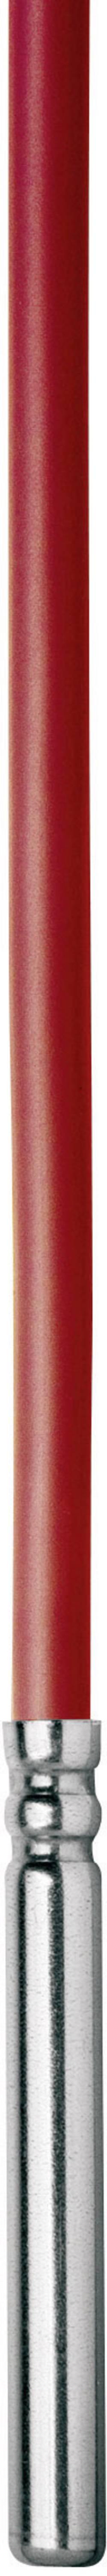 Teplotný senzor Jumo 902150/10-378-1003-1-6-50-11-2500/000, -50 do 180 °C, 2.5 m, 6 mm